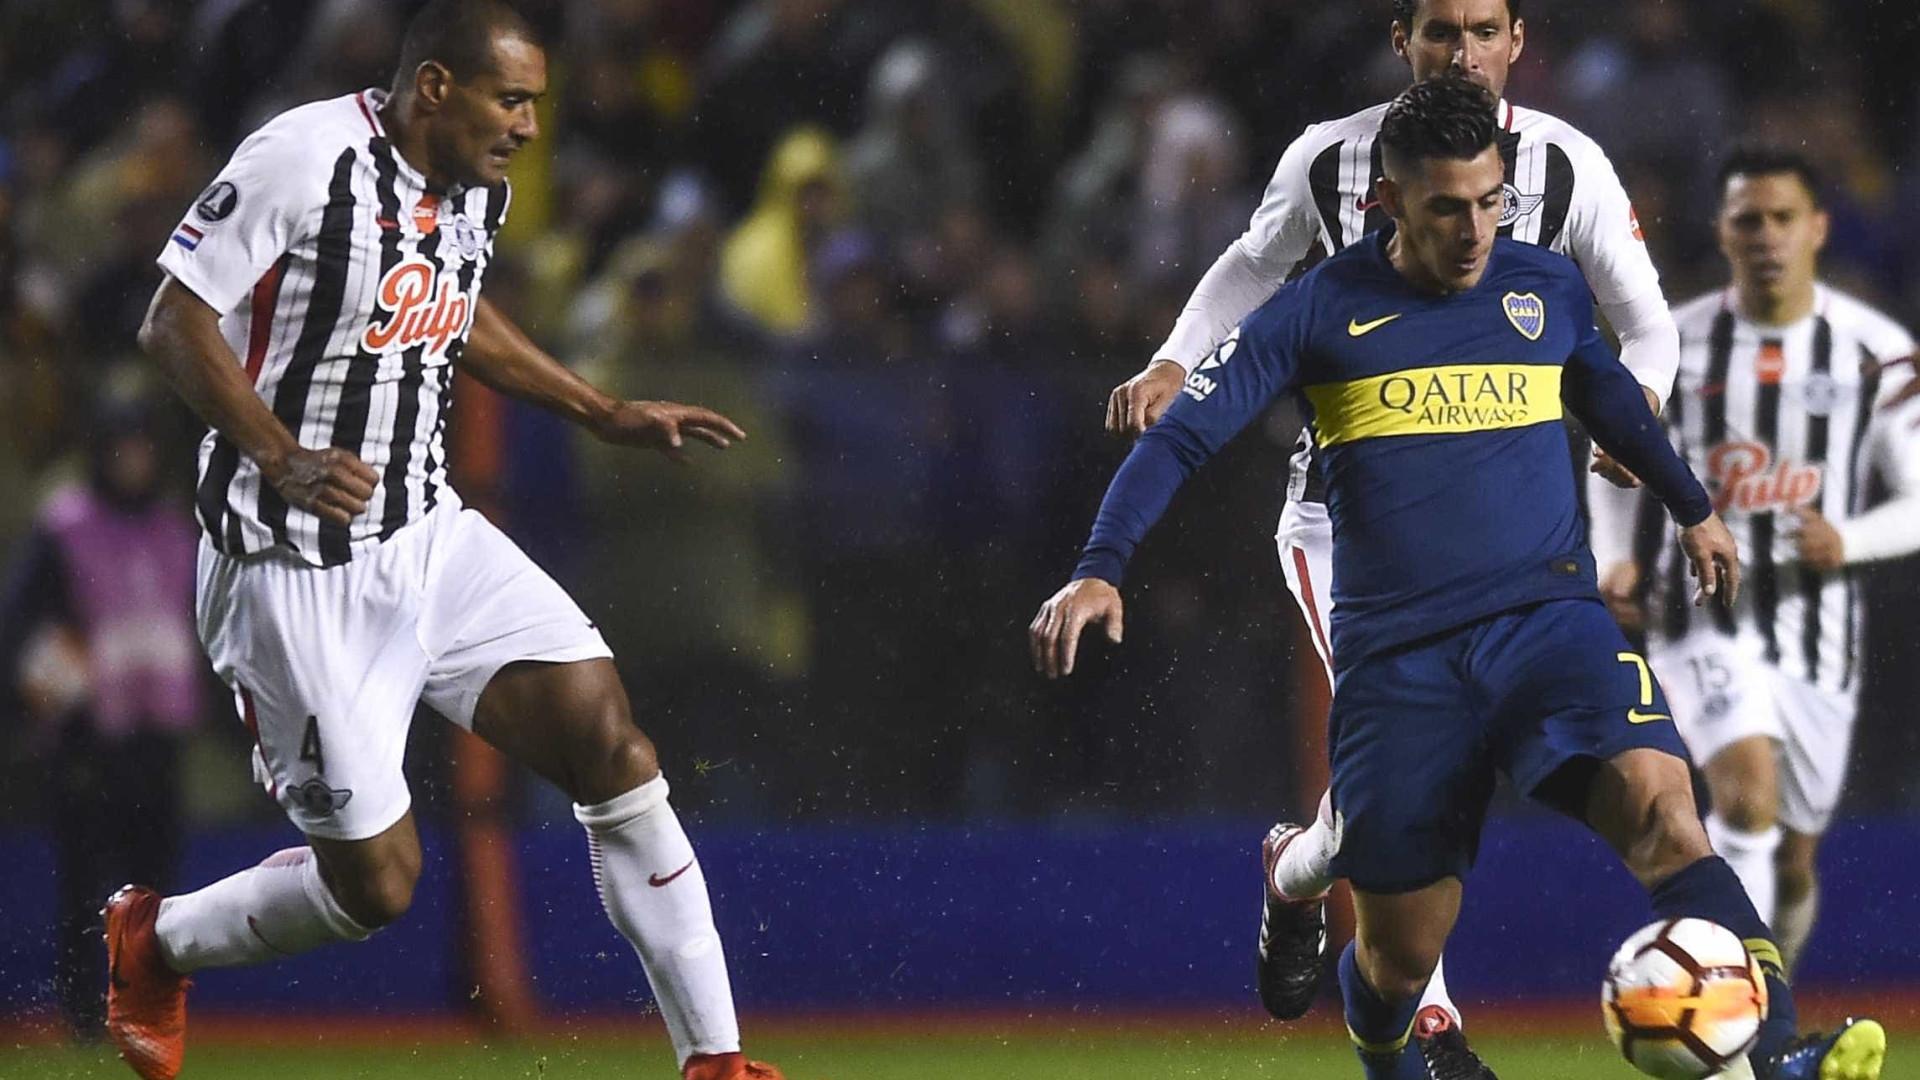 Boca sai na frente do Libertad nas oitavas de final da Libertadores